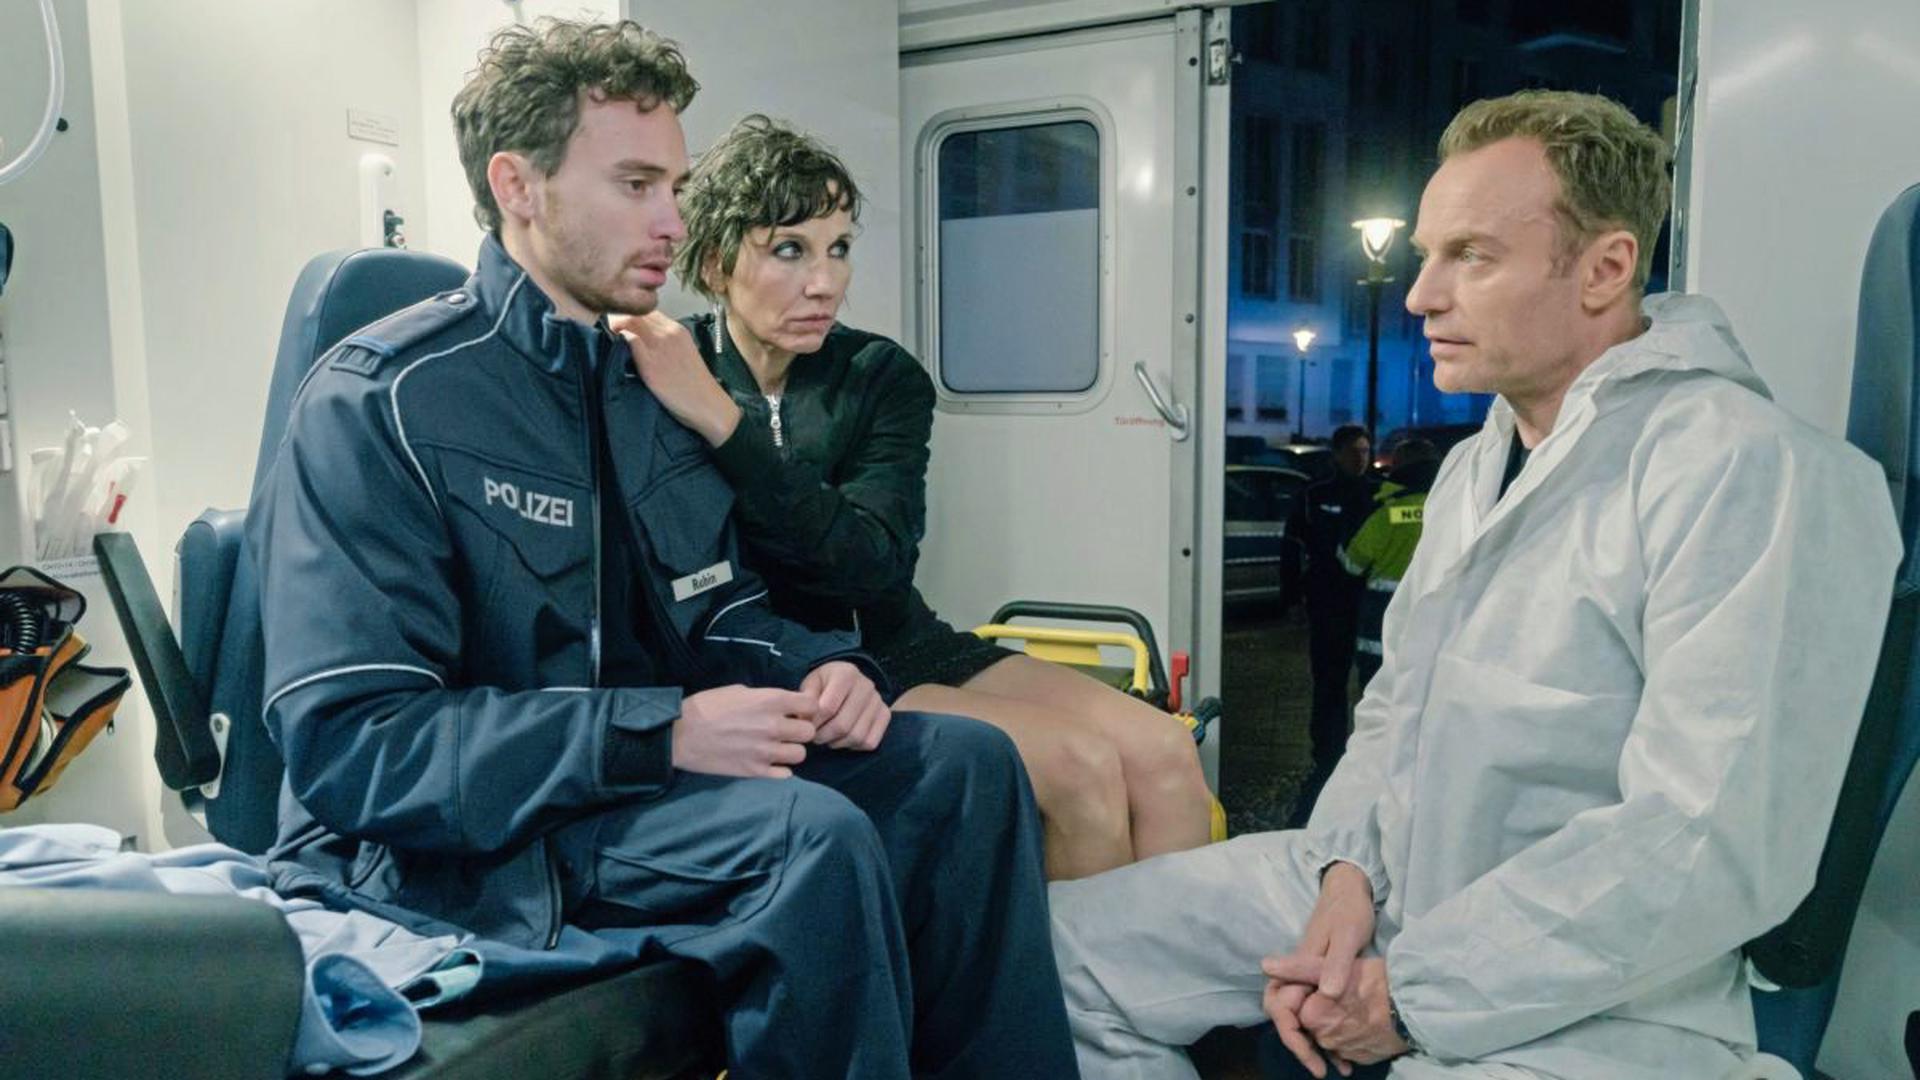 Nina Rubins (Meret Becker) Sohn Tolja (Jonas Hämmerle) wurde bei einem Einsatz der Streife angeschossen, traumatisiert sitzt der Praktikant mit seiner Mutter und dem ermittelnden Kommissar Karow (Mark Waschke) im Notarztwagen.